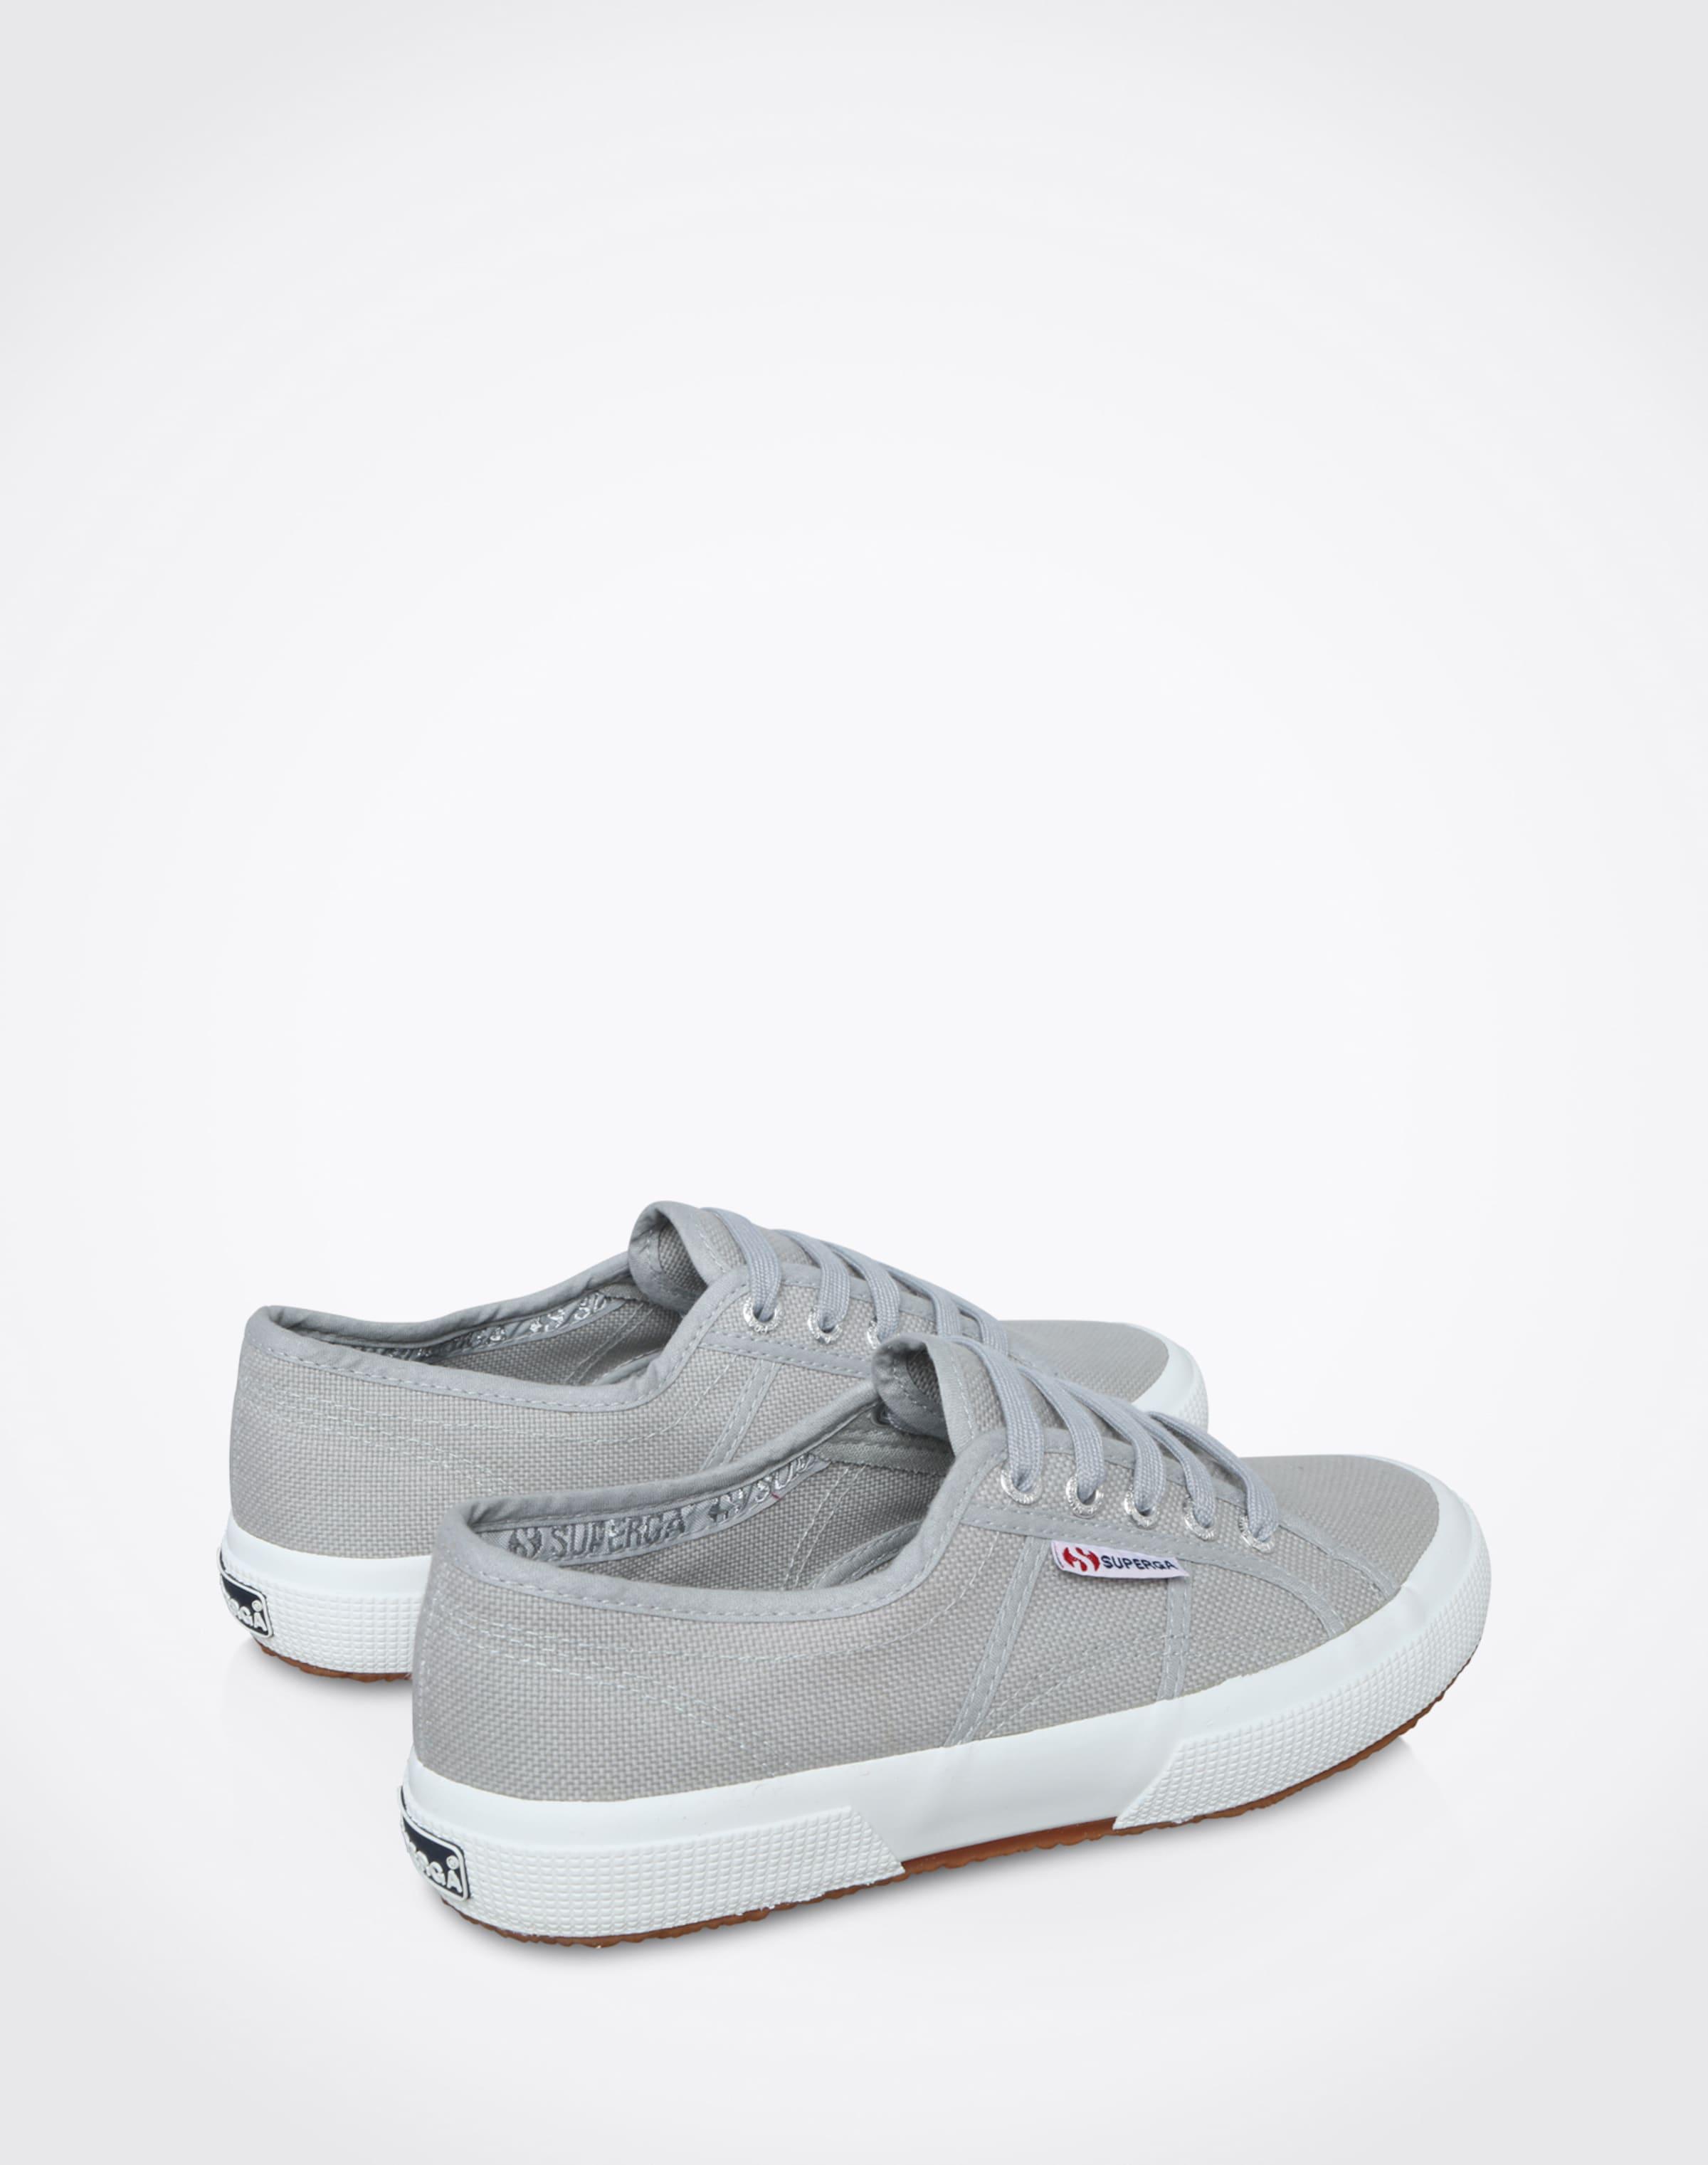 Verkauf Geschäft Drop-Shipping SUPERGA Canvas Sneaker '2750 Cotu Classic' Shop Günstigen Preis DNuEK